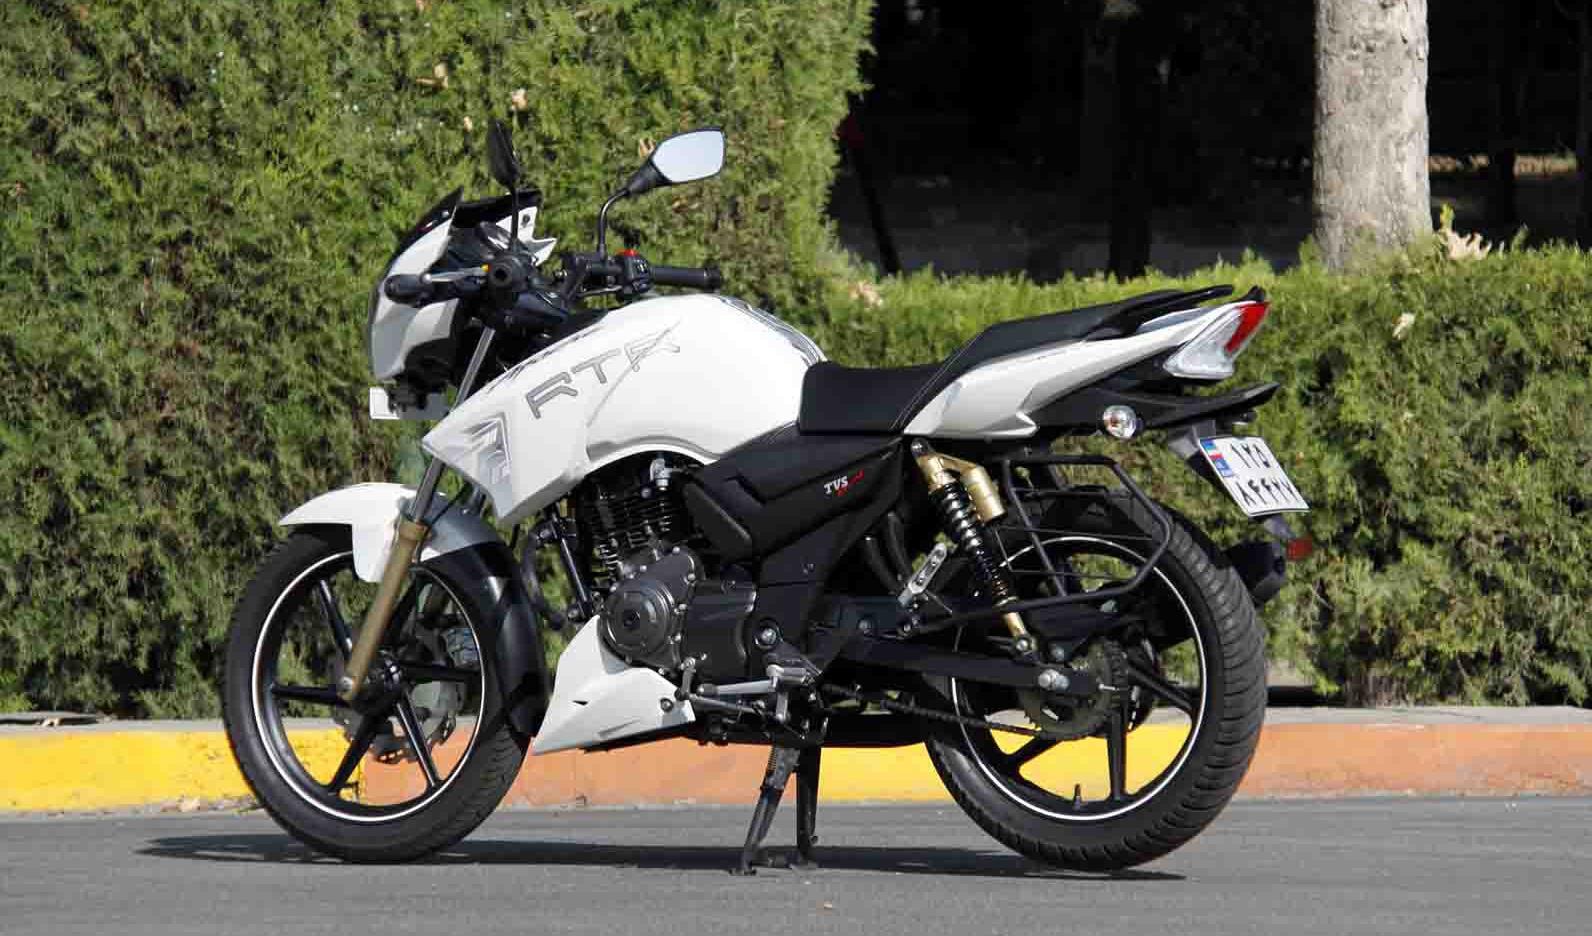 باربری و حمل انواع موتور سیکلت